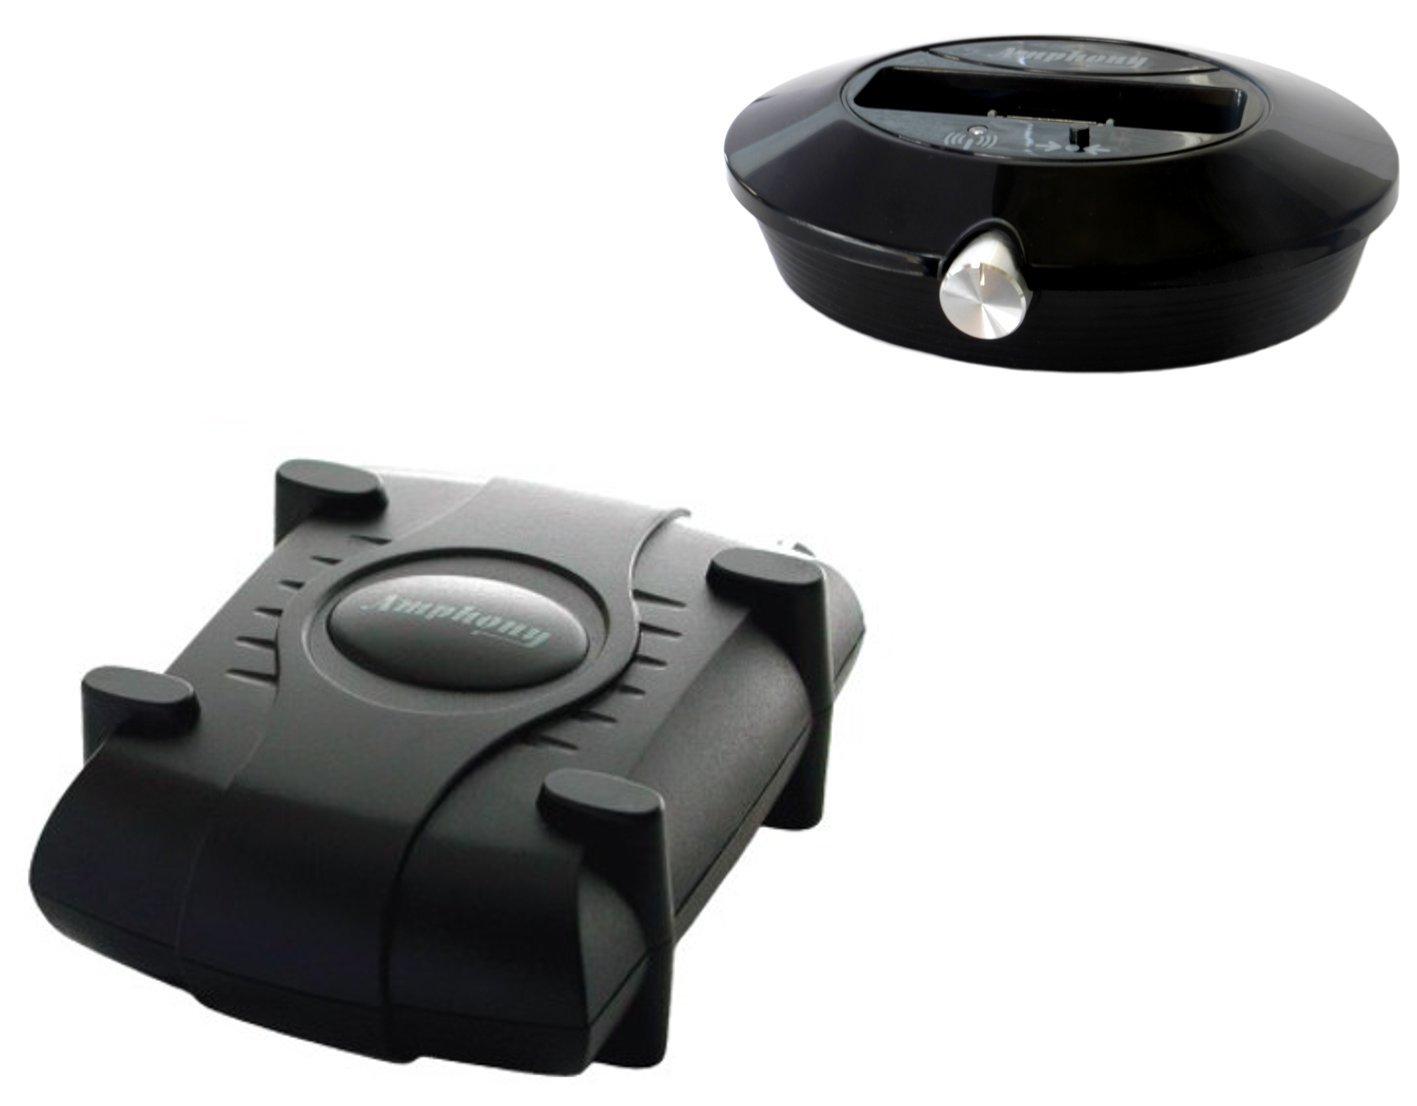 Kit haut parleur avec un amplificateur sans fil, Conforme aux enceintes surround, 2x40 Watts, Gamme de 100m, Connexion à n'importe quelle source audio, Mieux que le Bluetooth sans fil numérique Connexion à n'importe quelle source audio